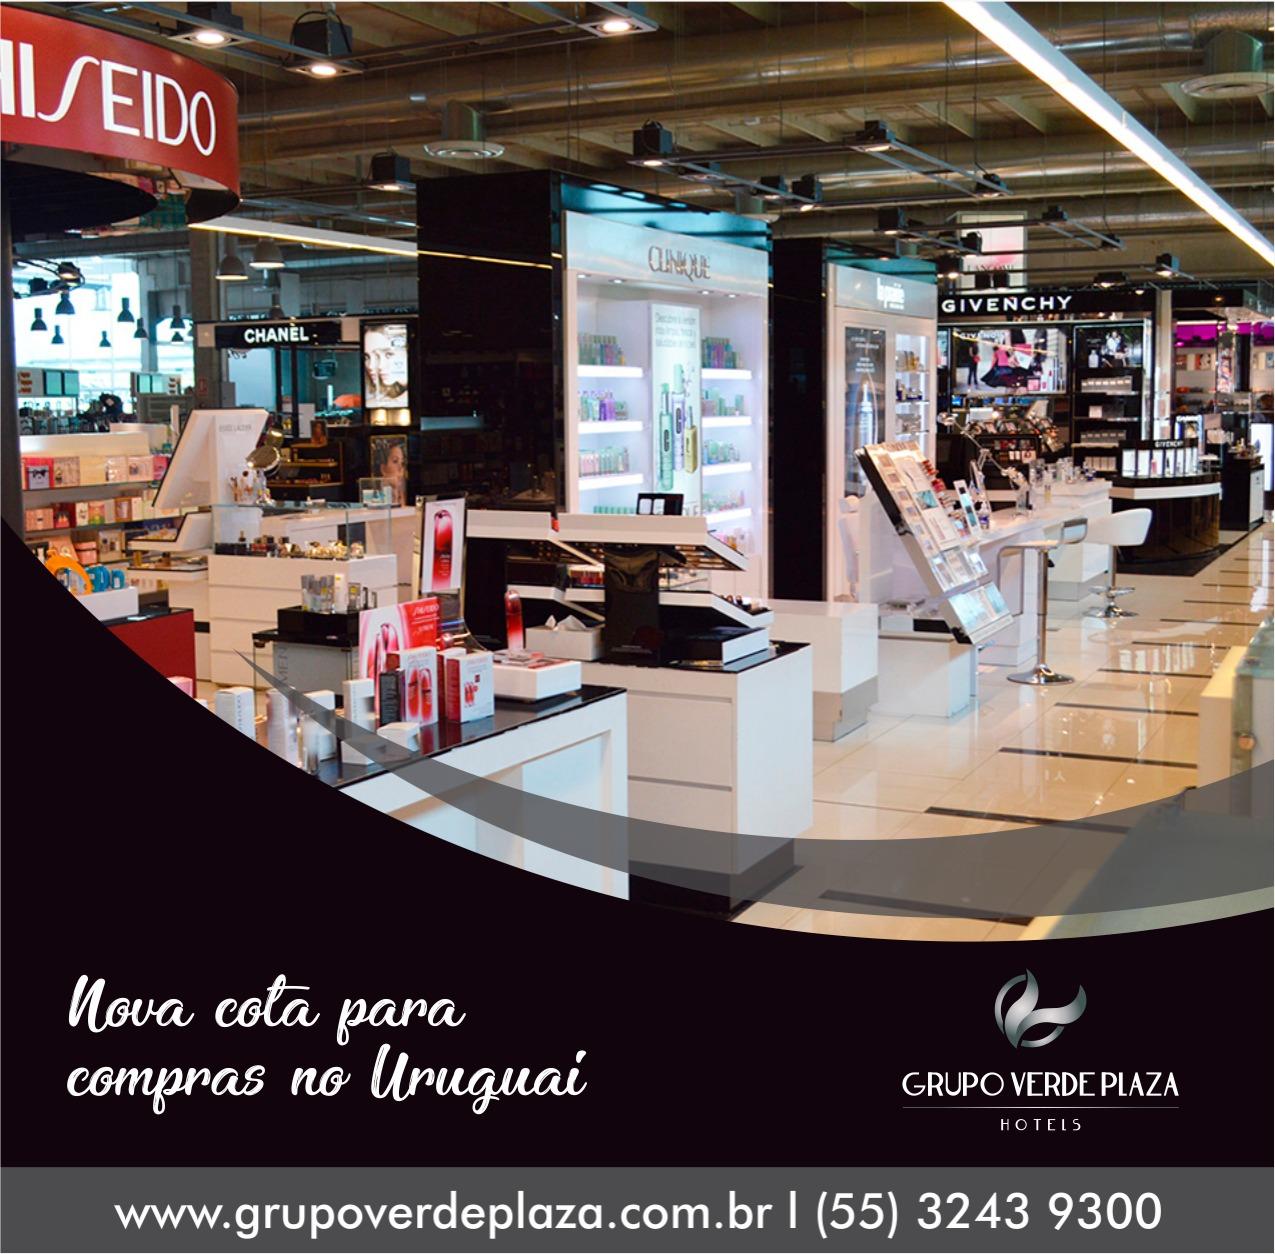 Aumenta cota para compras no Uruguai